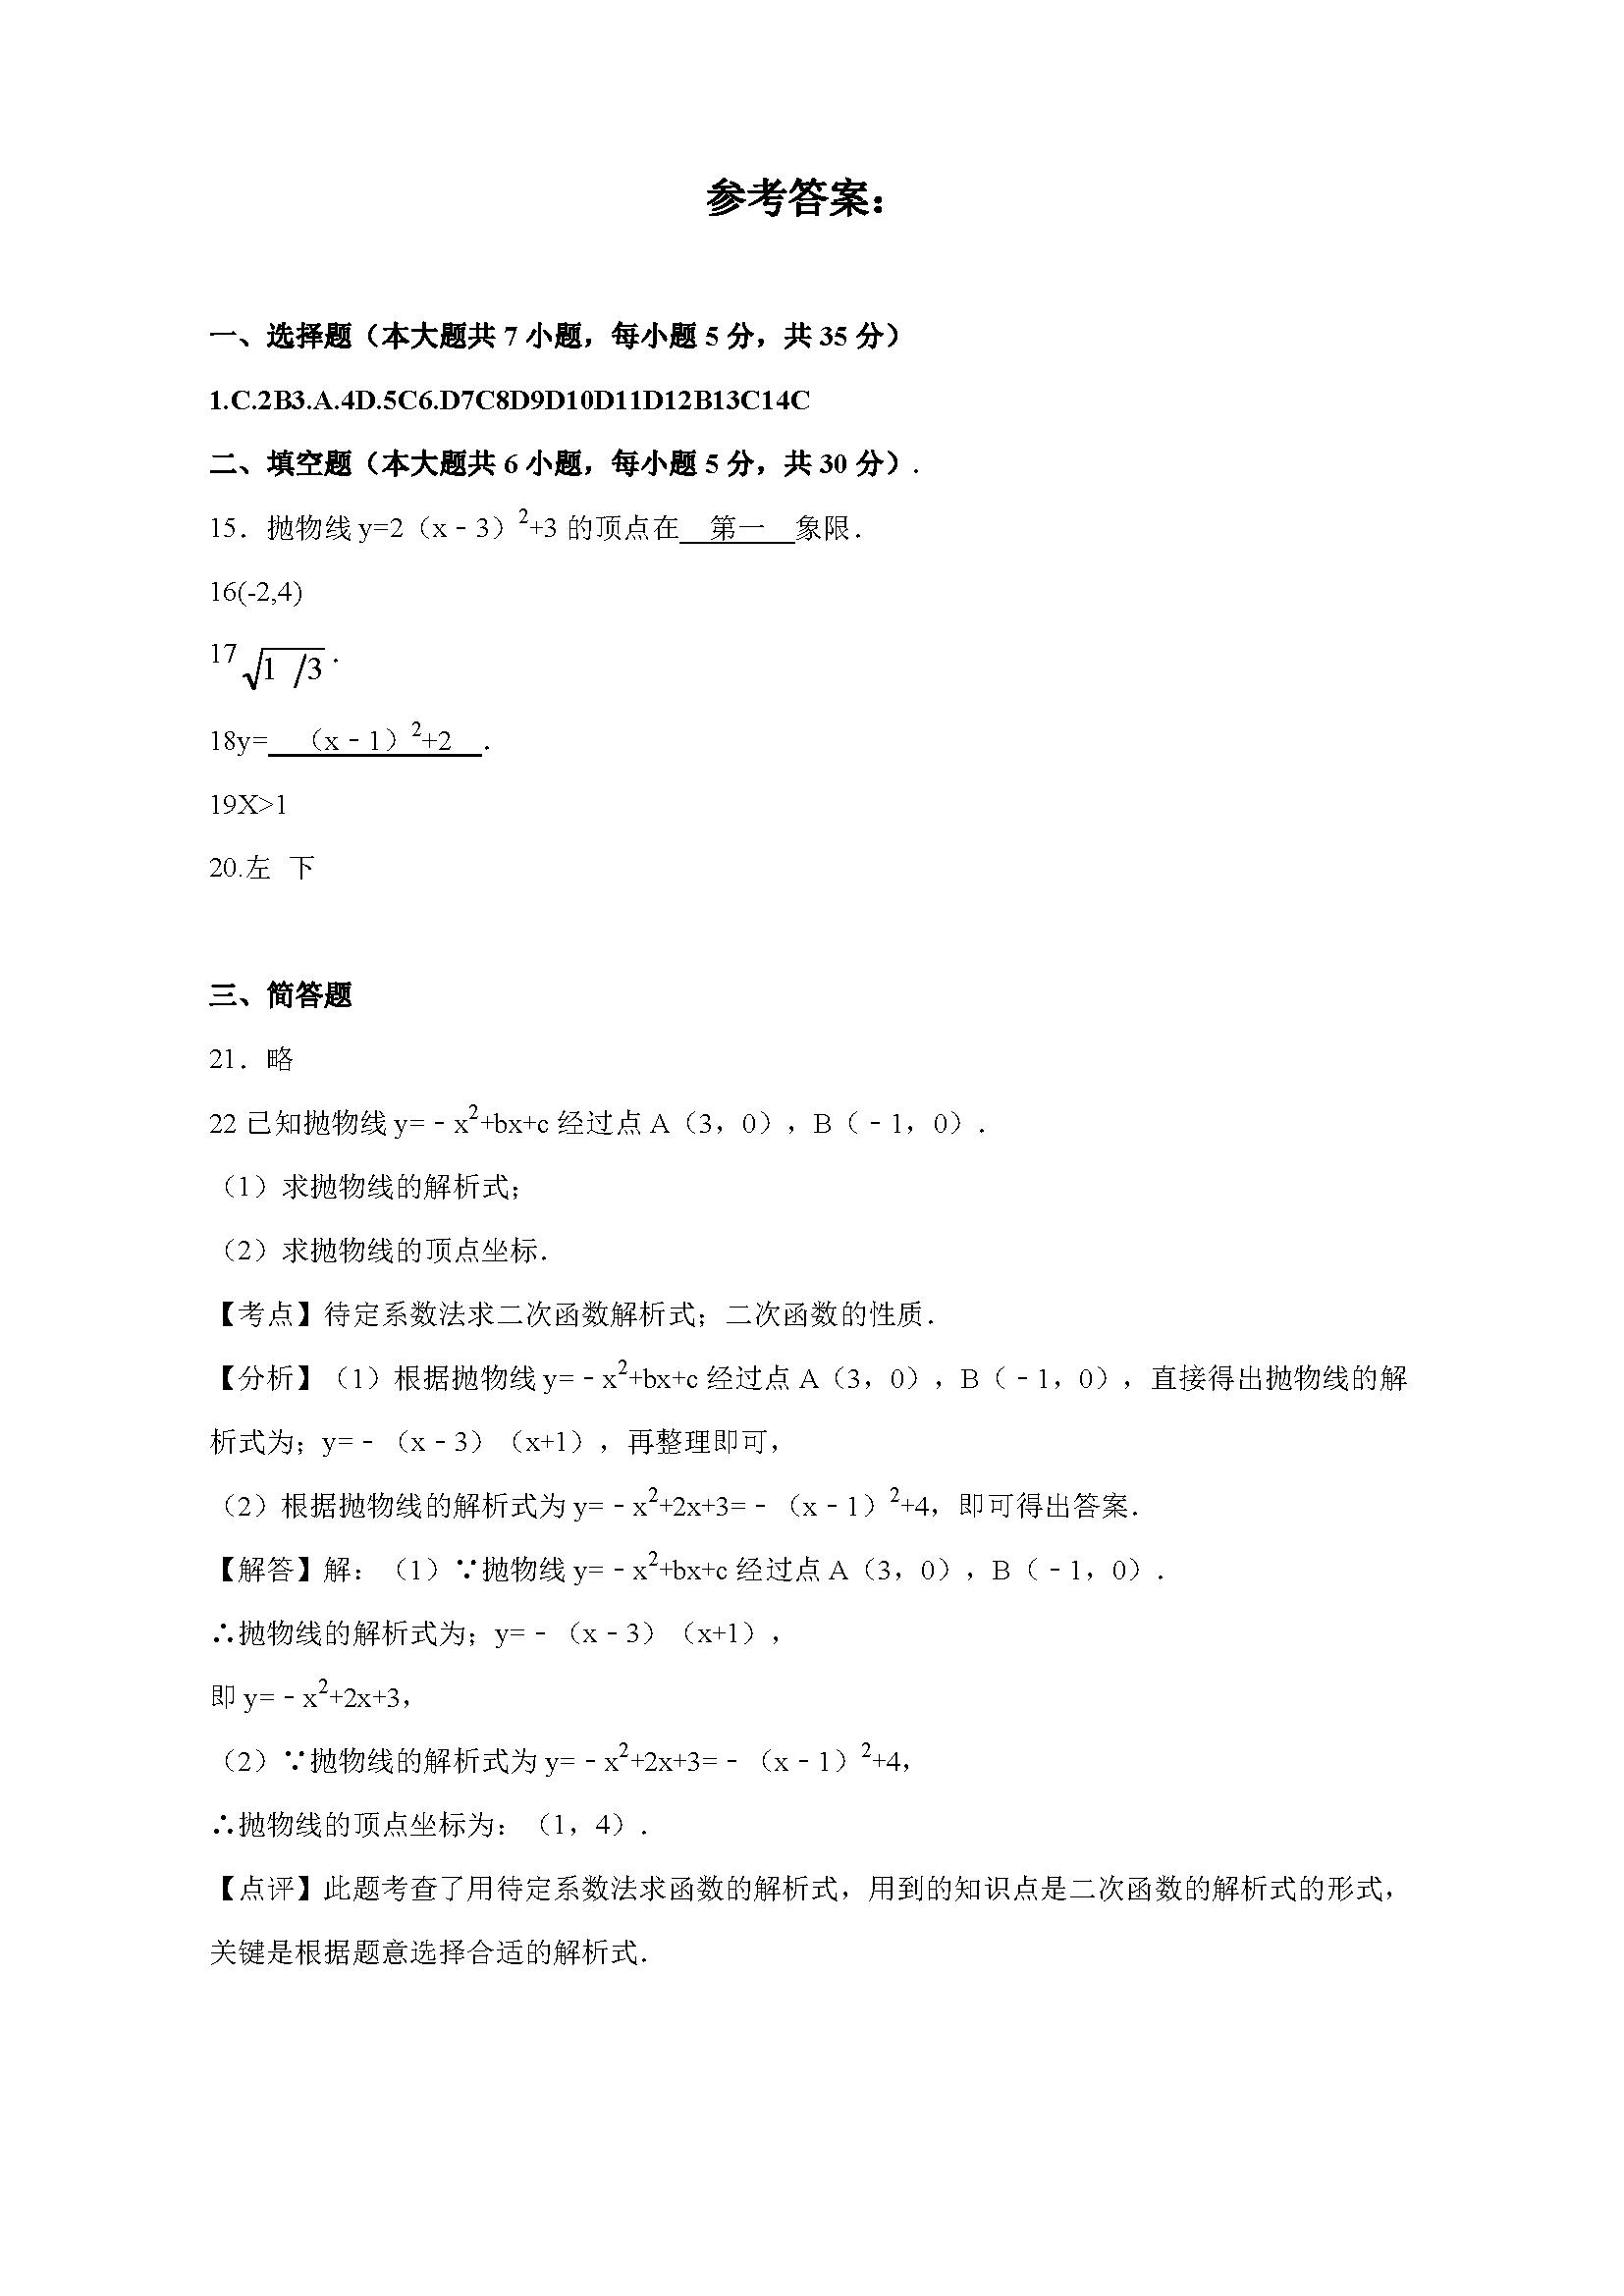 2017秋海南澄迈白莲中学九年级第一次月考试题答案(Word版)